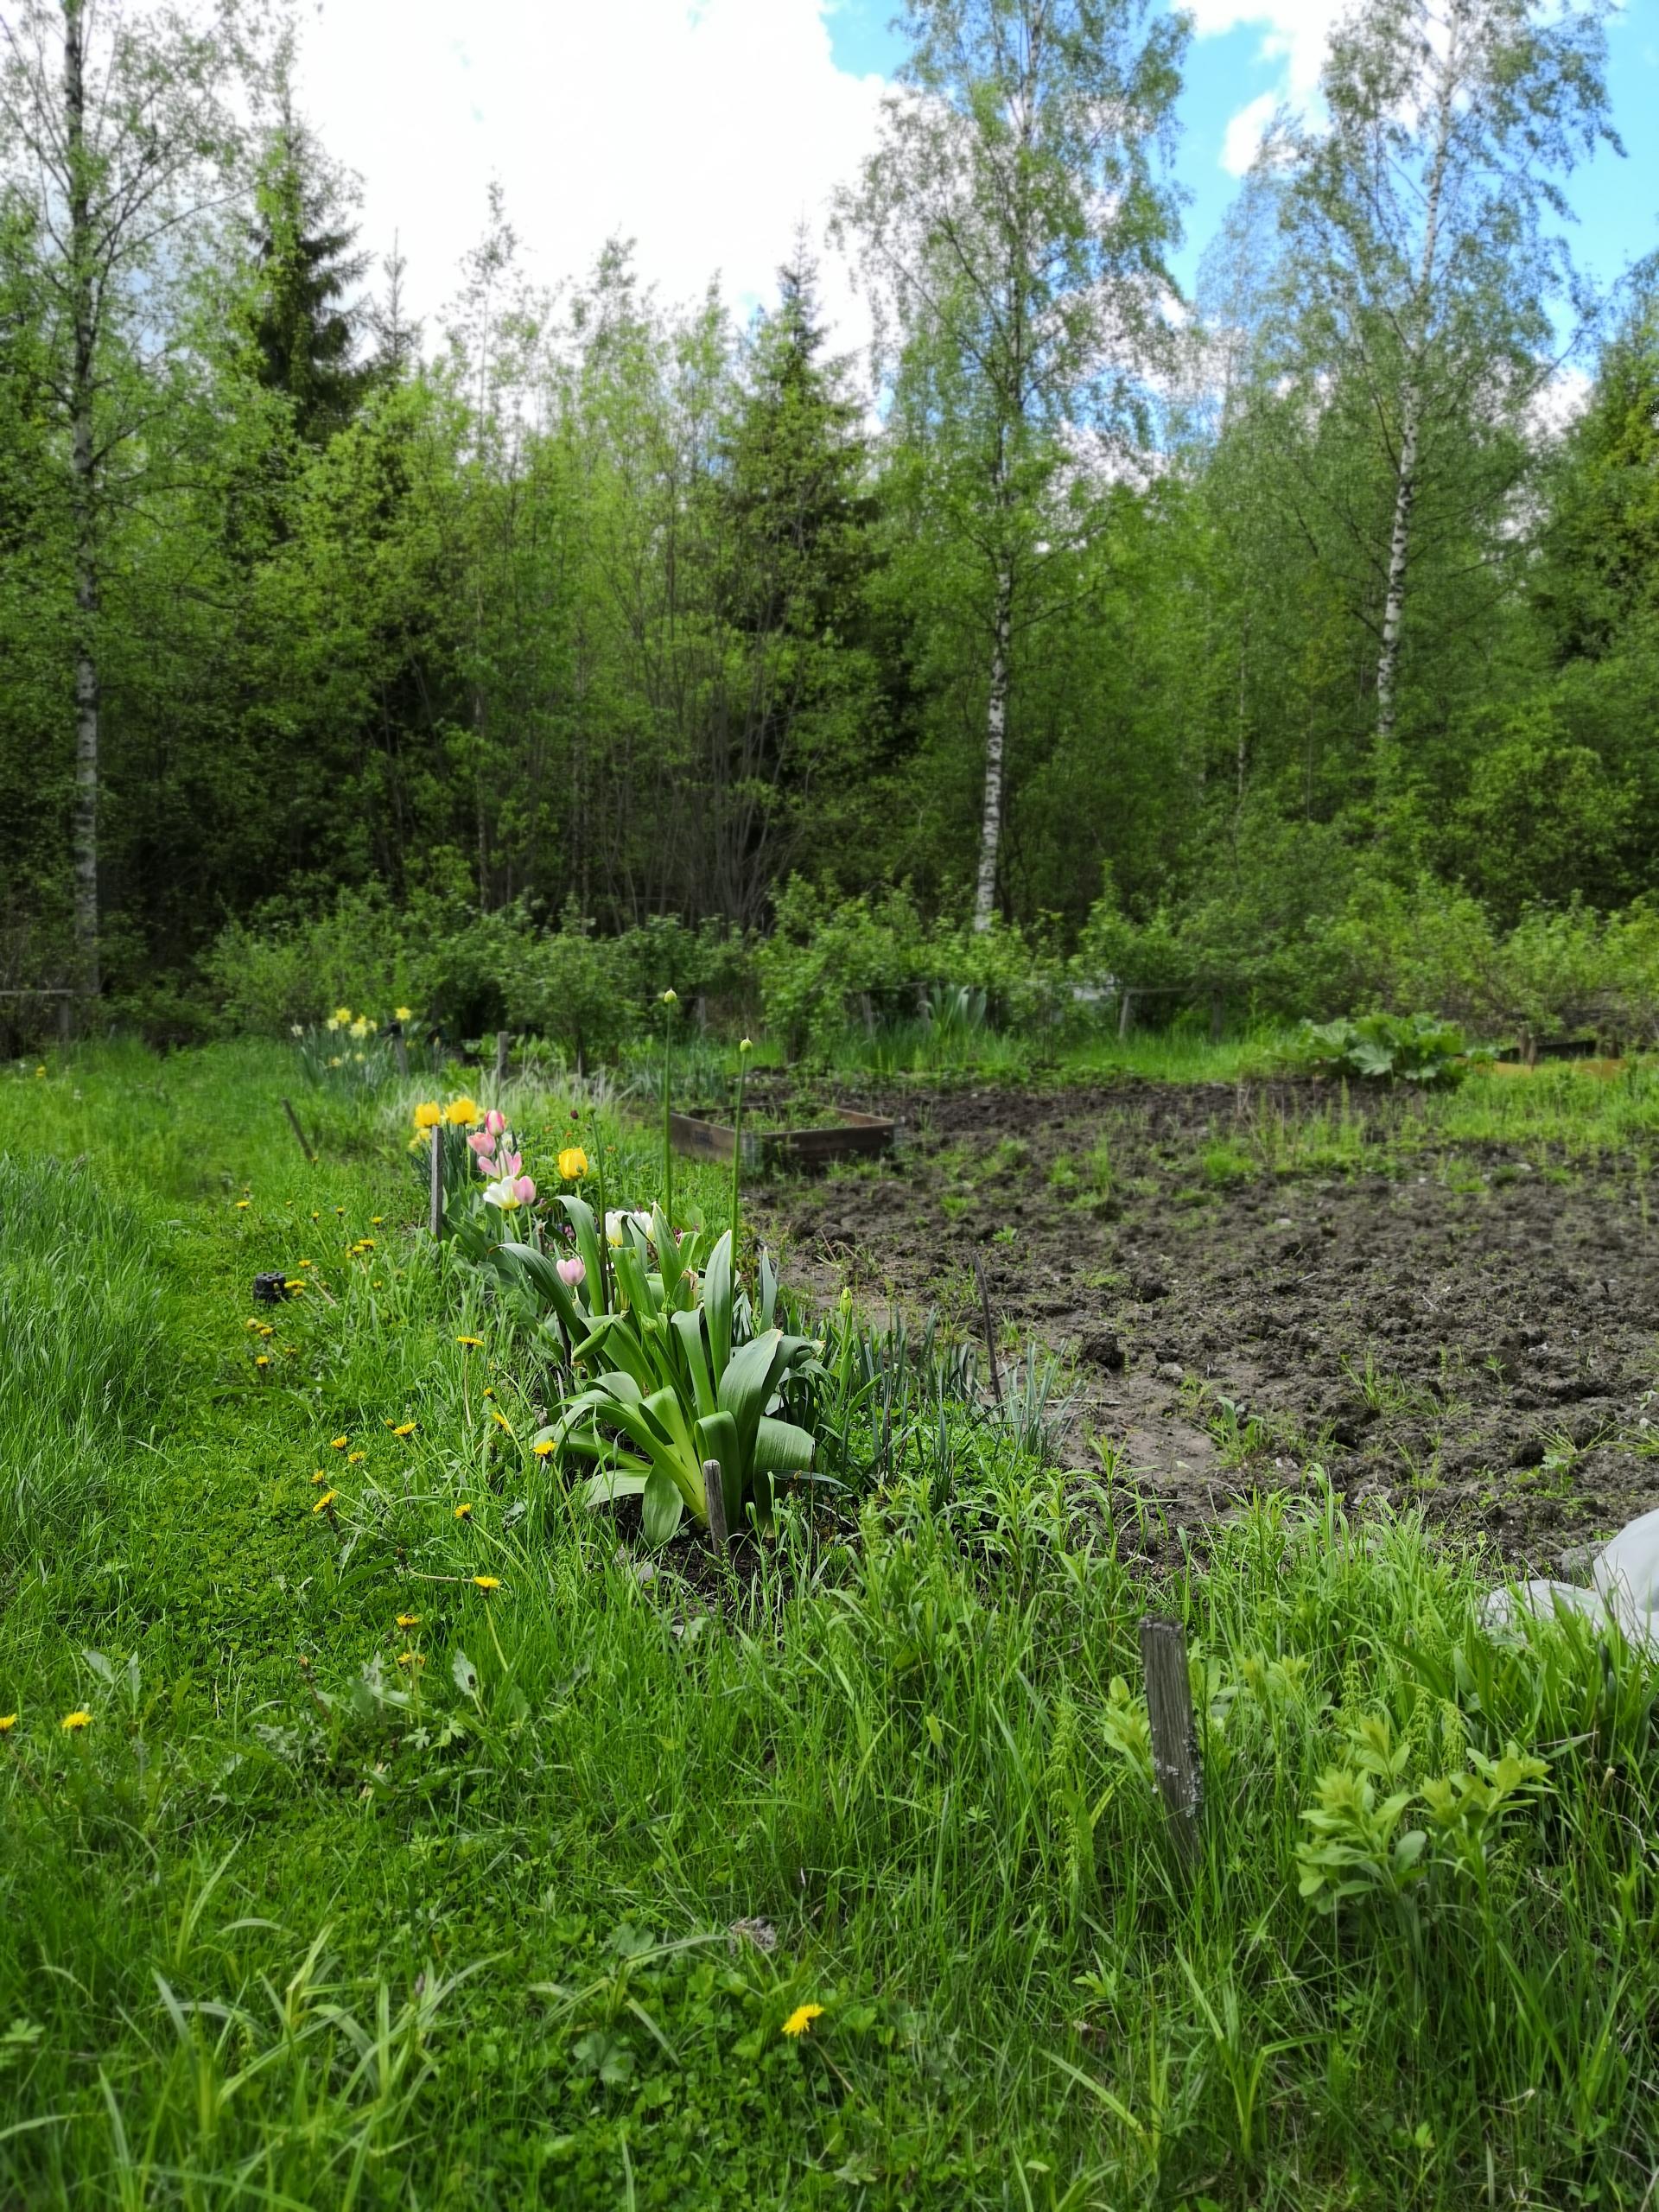 Tulppaaneja ja marjapensaita puutarhapalstalla.